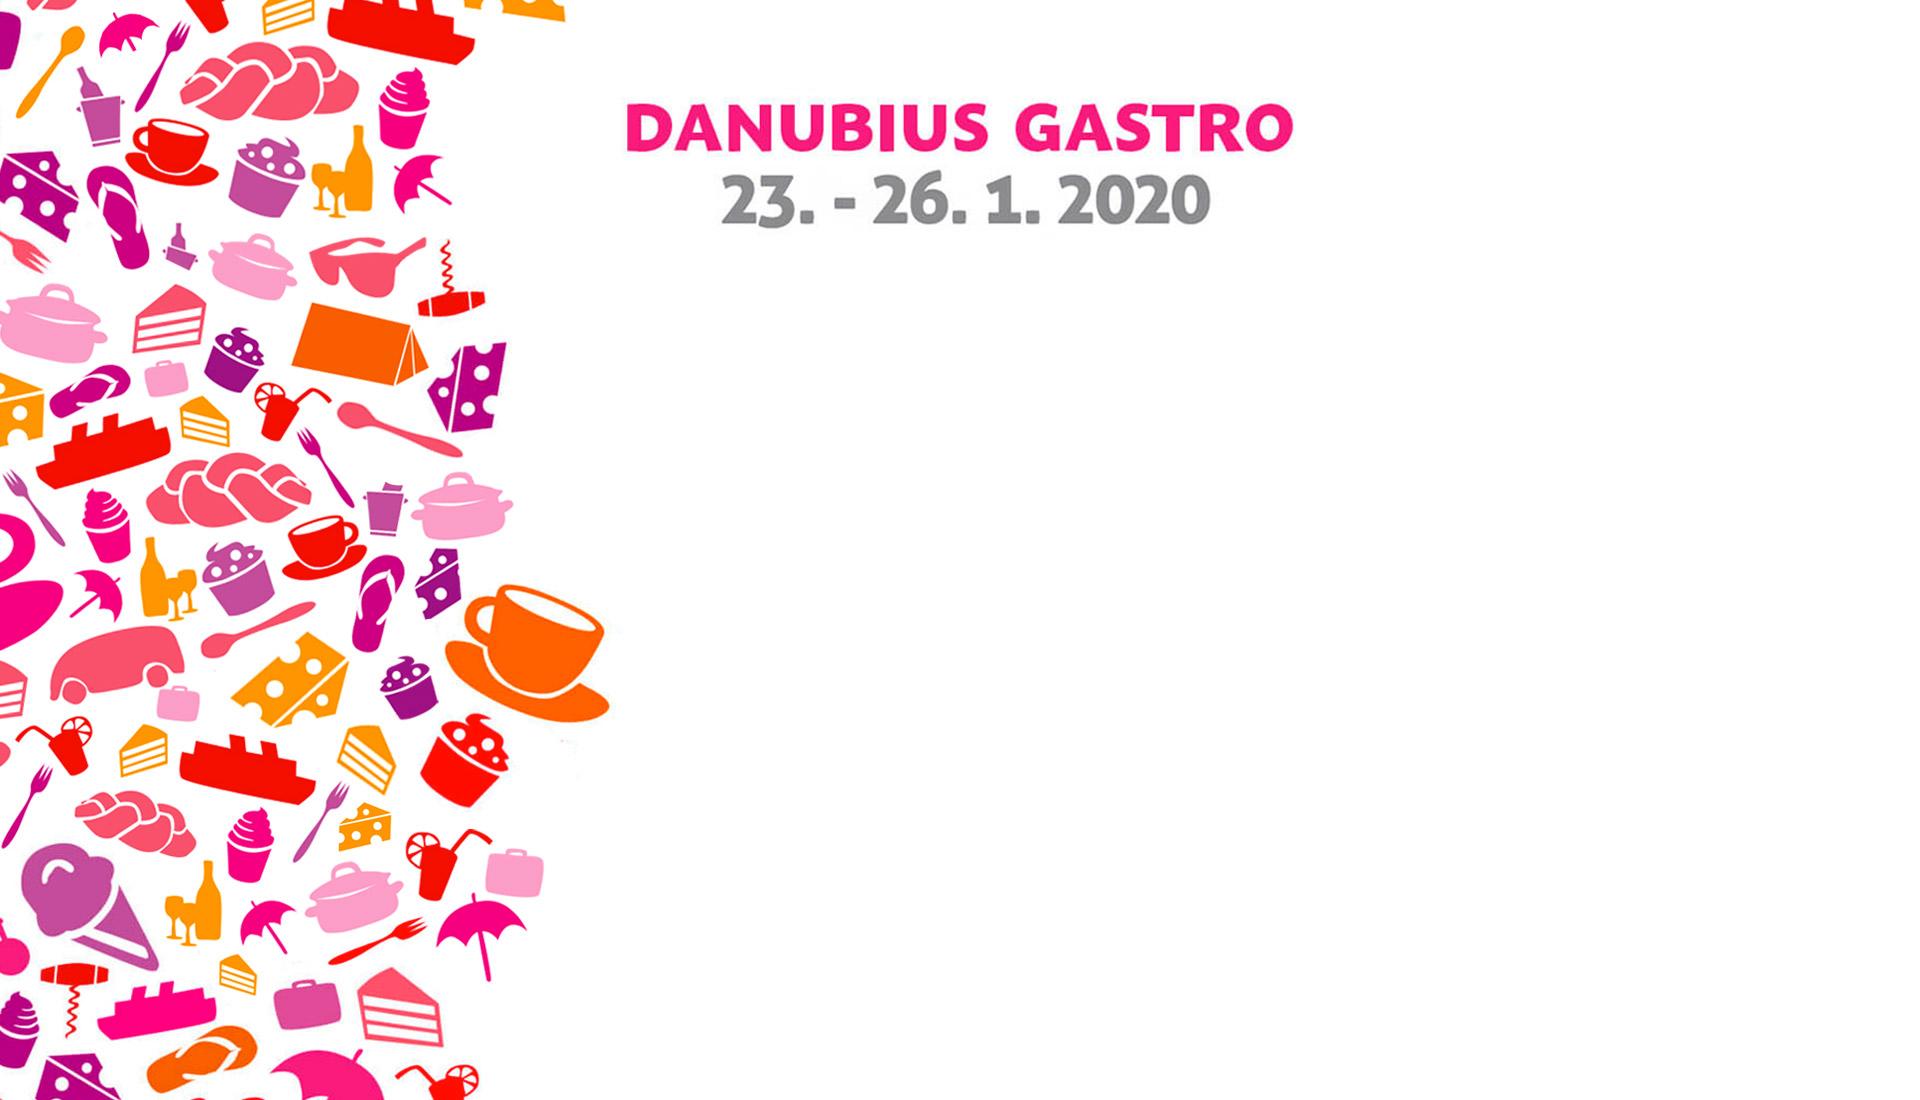 danubius-gastro-wide-maspoma-2